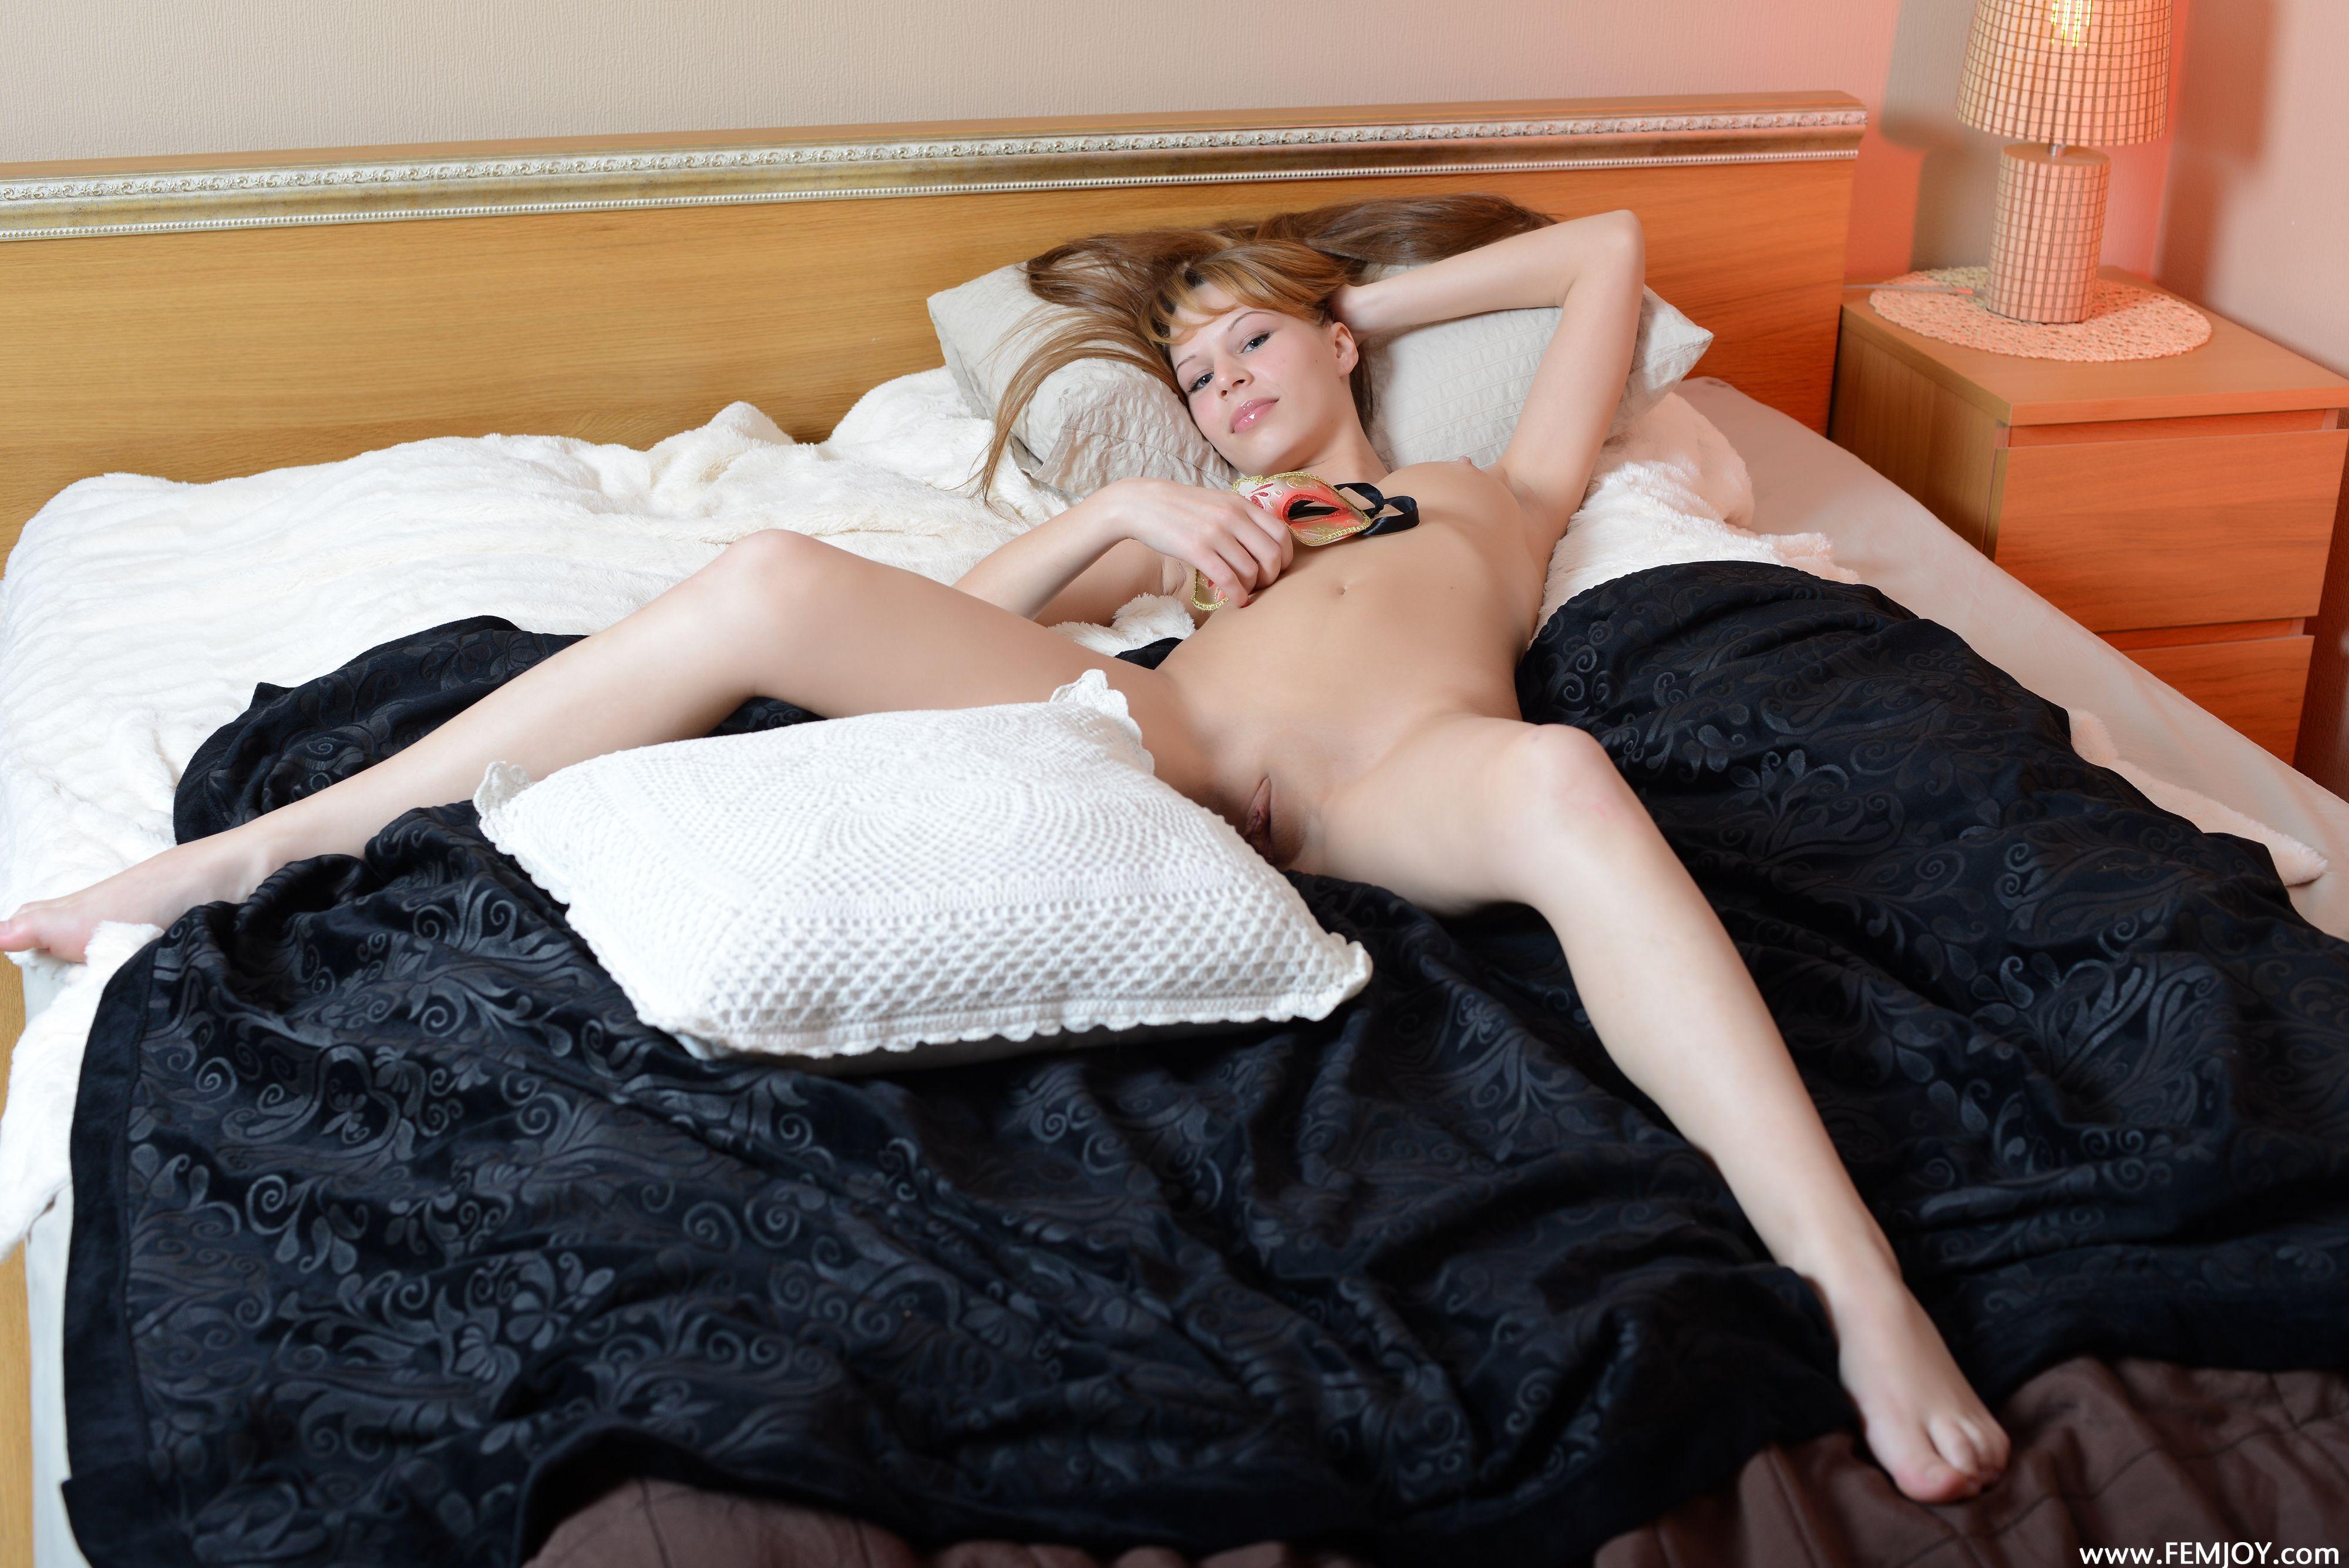 http://i1.imageban.ru/out/2013/10/27/818169de38b6b54cb3024bed413f320b.jpg